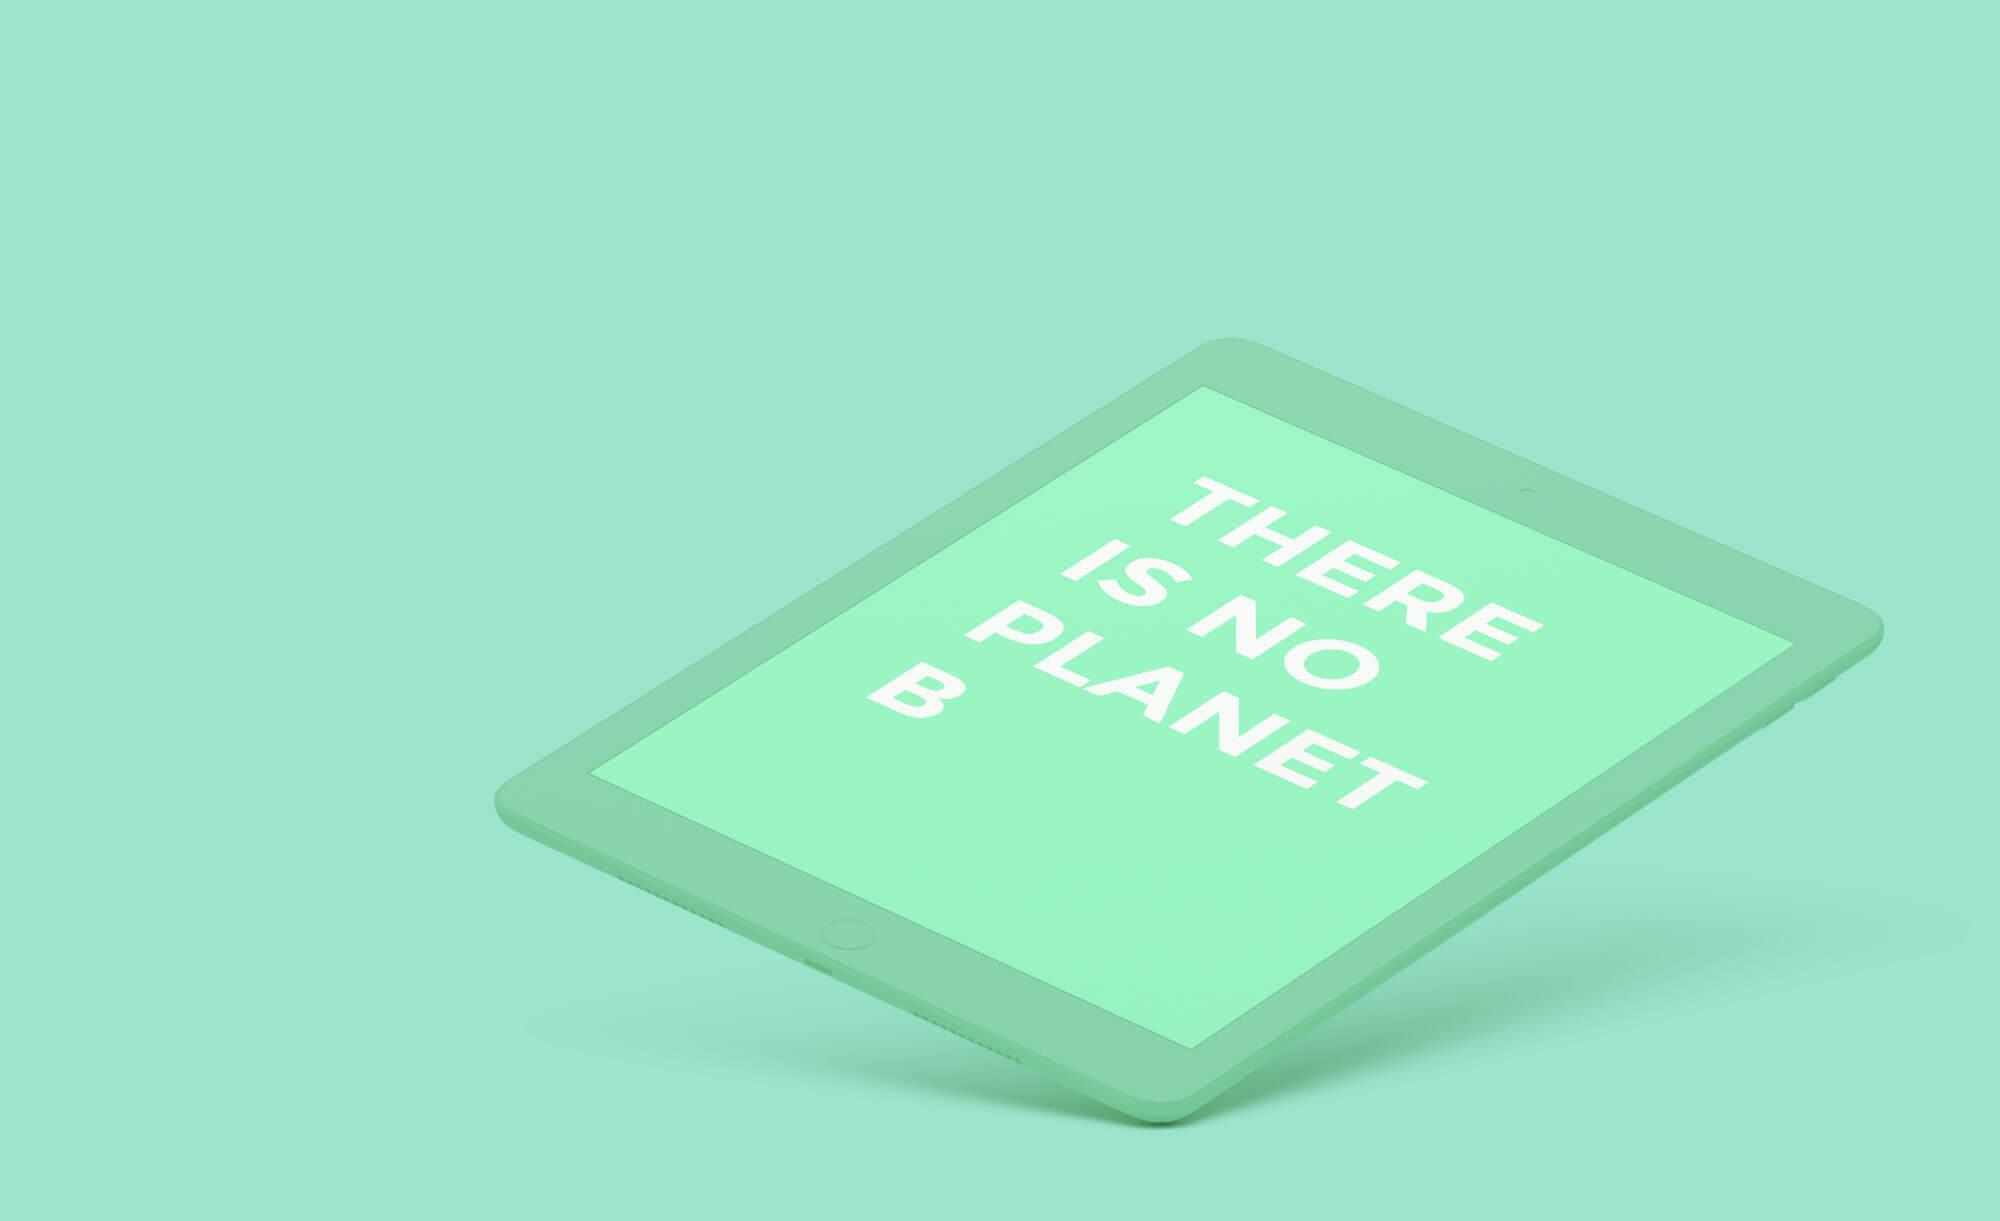 Un site internet écologique, c'est quoi?